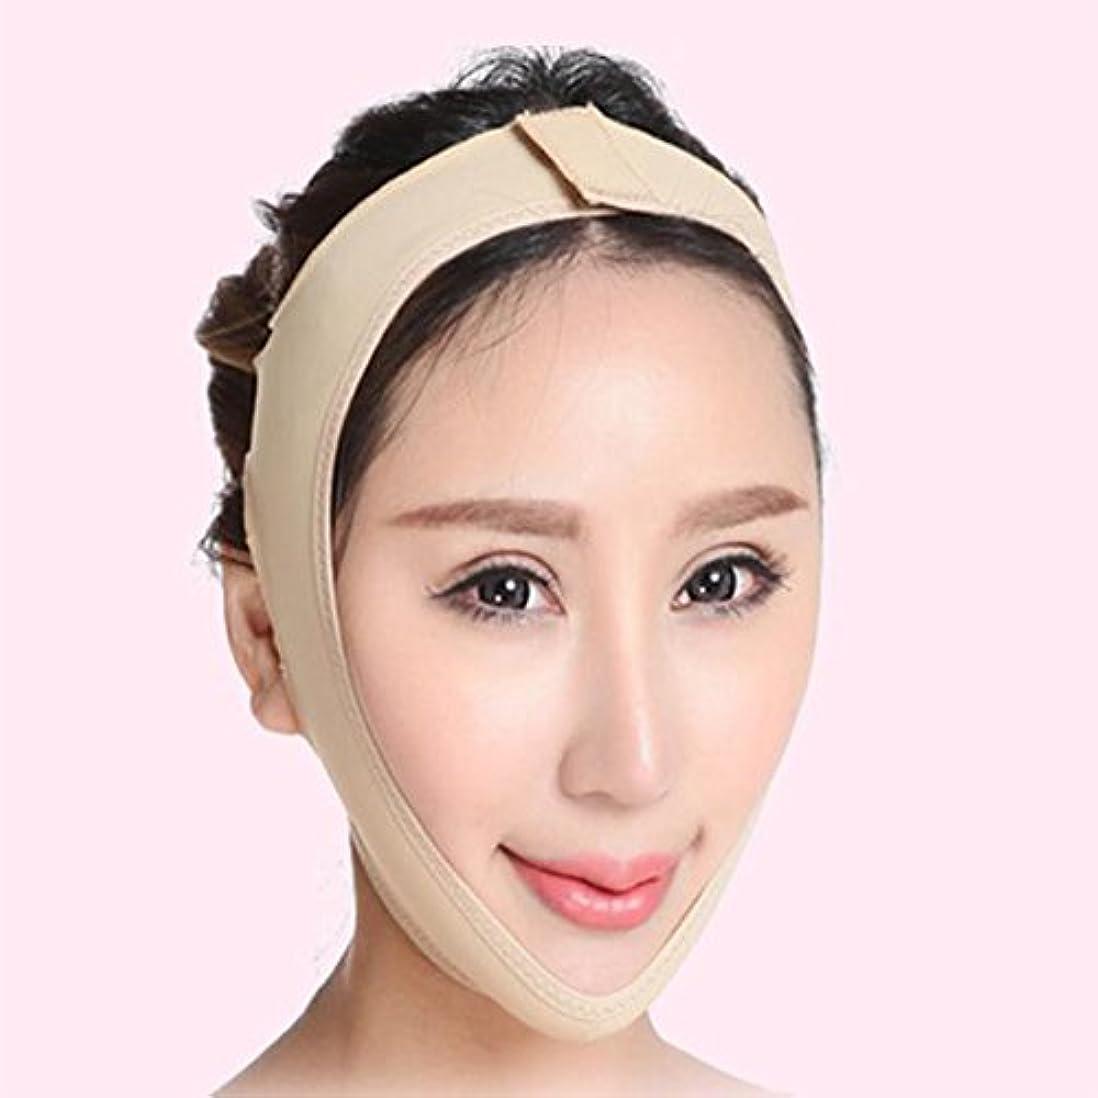 シビックアソシエイト1stモール 小顔 小顔マスク リフトアップ マスク フェイスライン 矯正 あご シャープ メンズ レディース Mサイズ ST-AZD15003-M